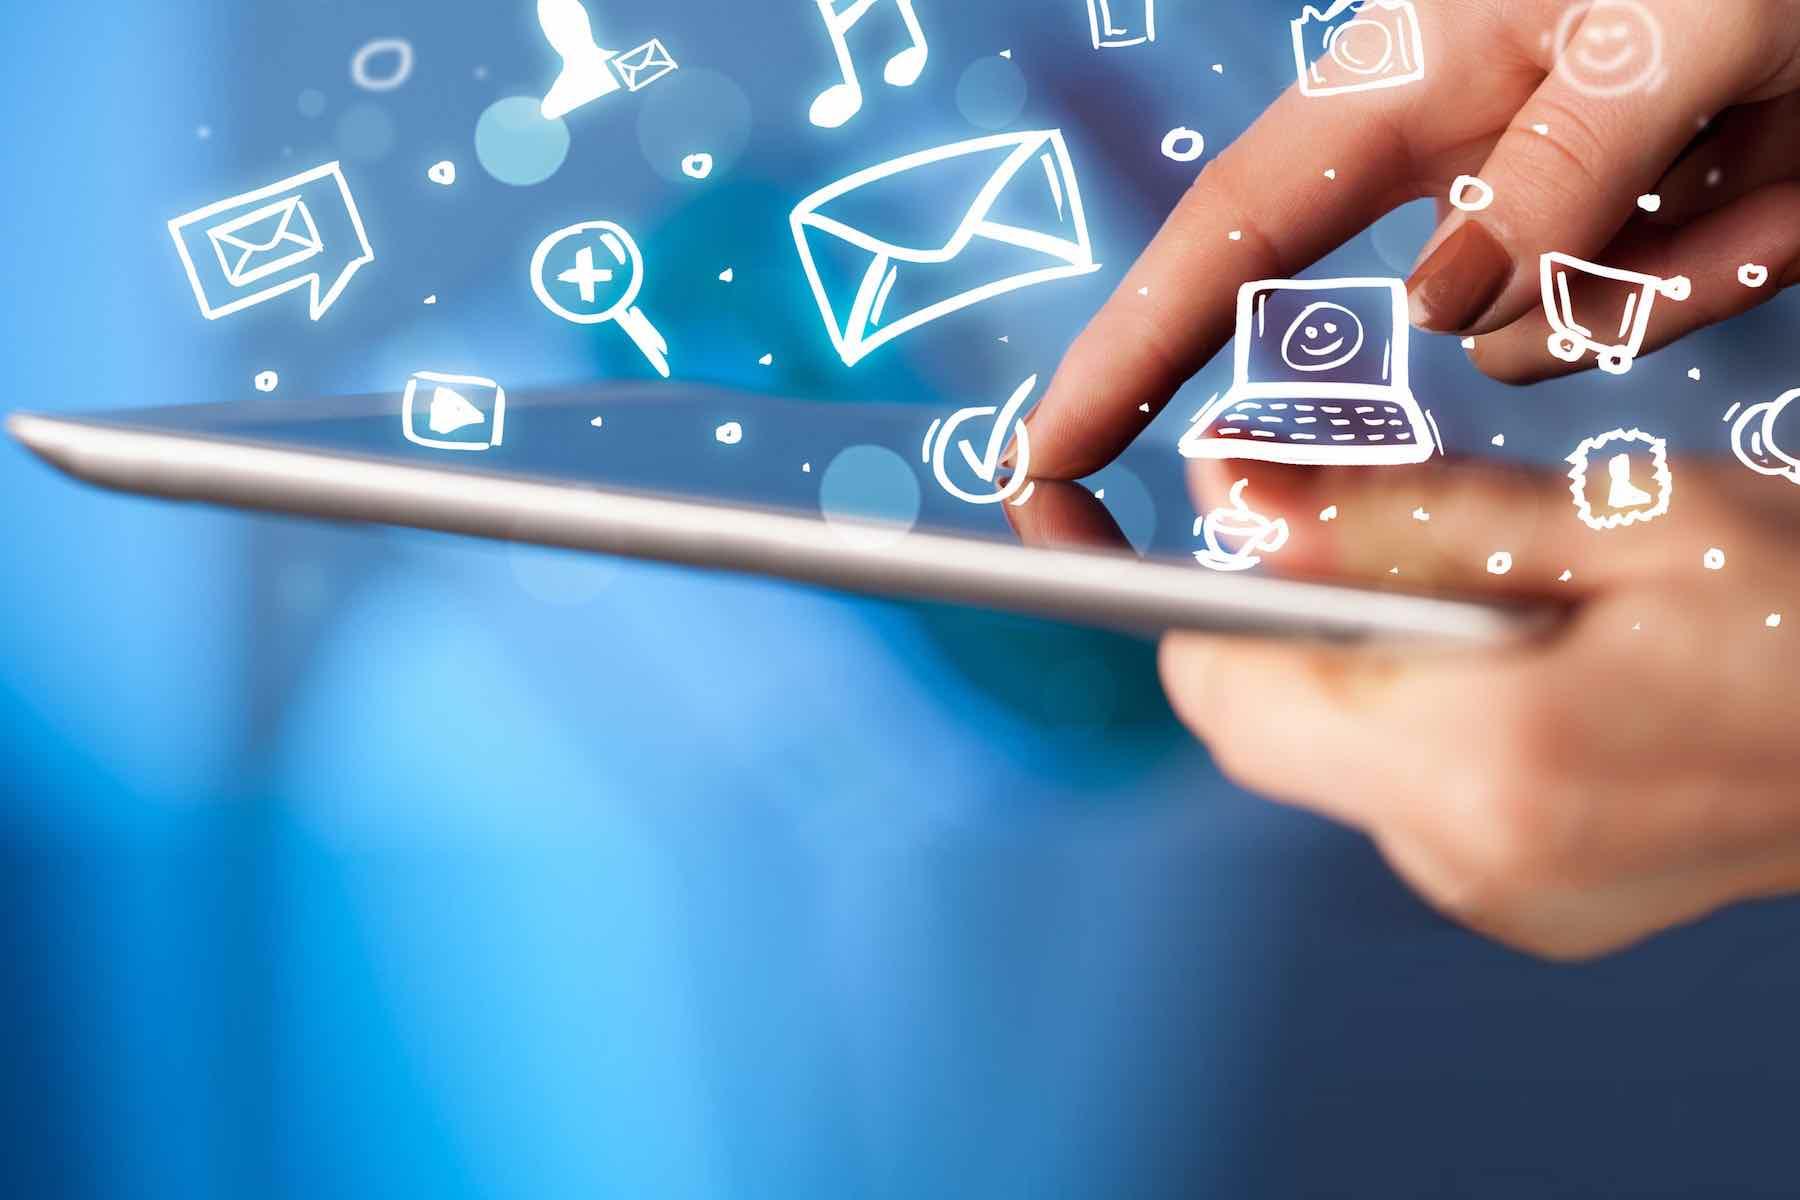 Internet dan Teknologi Membantu Manusia Lebih Efisien